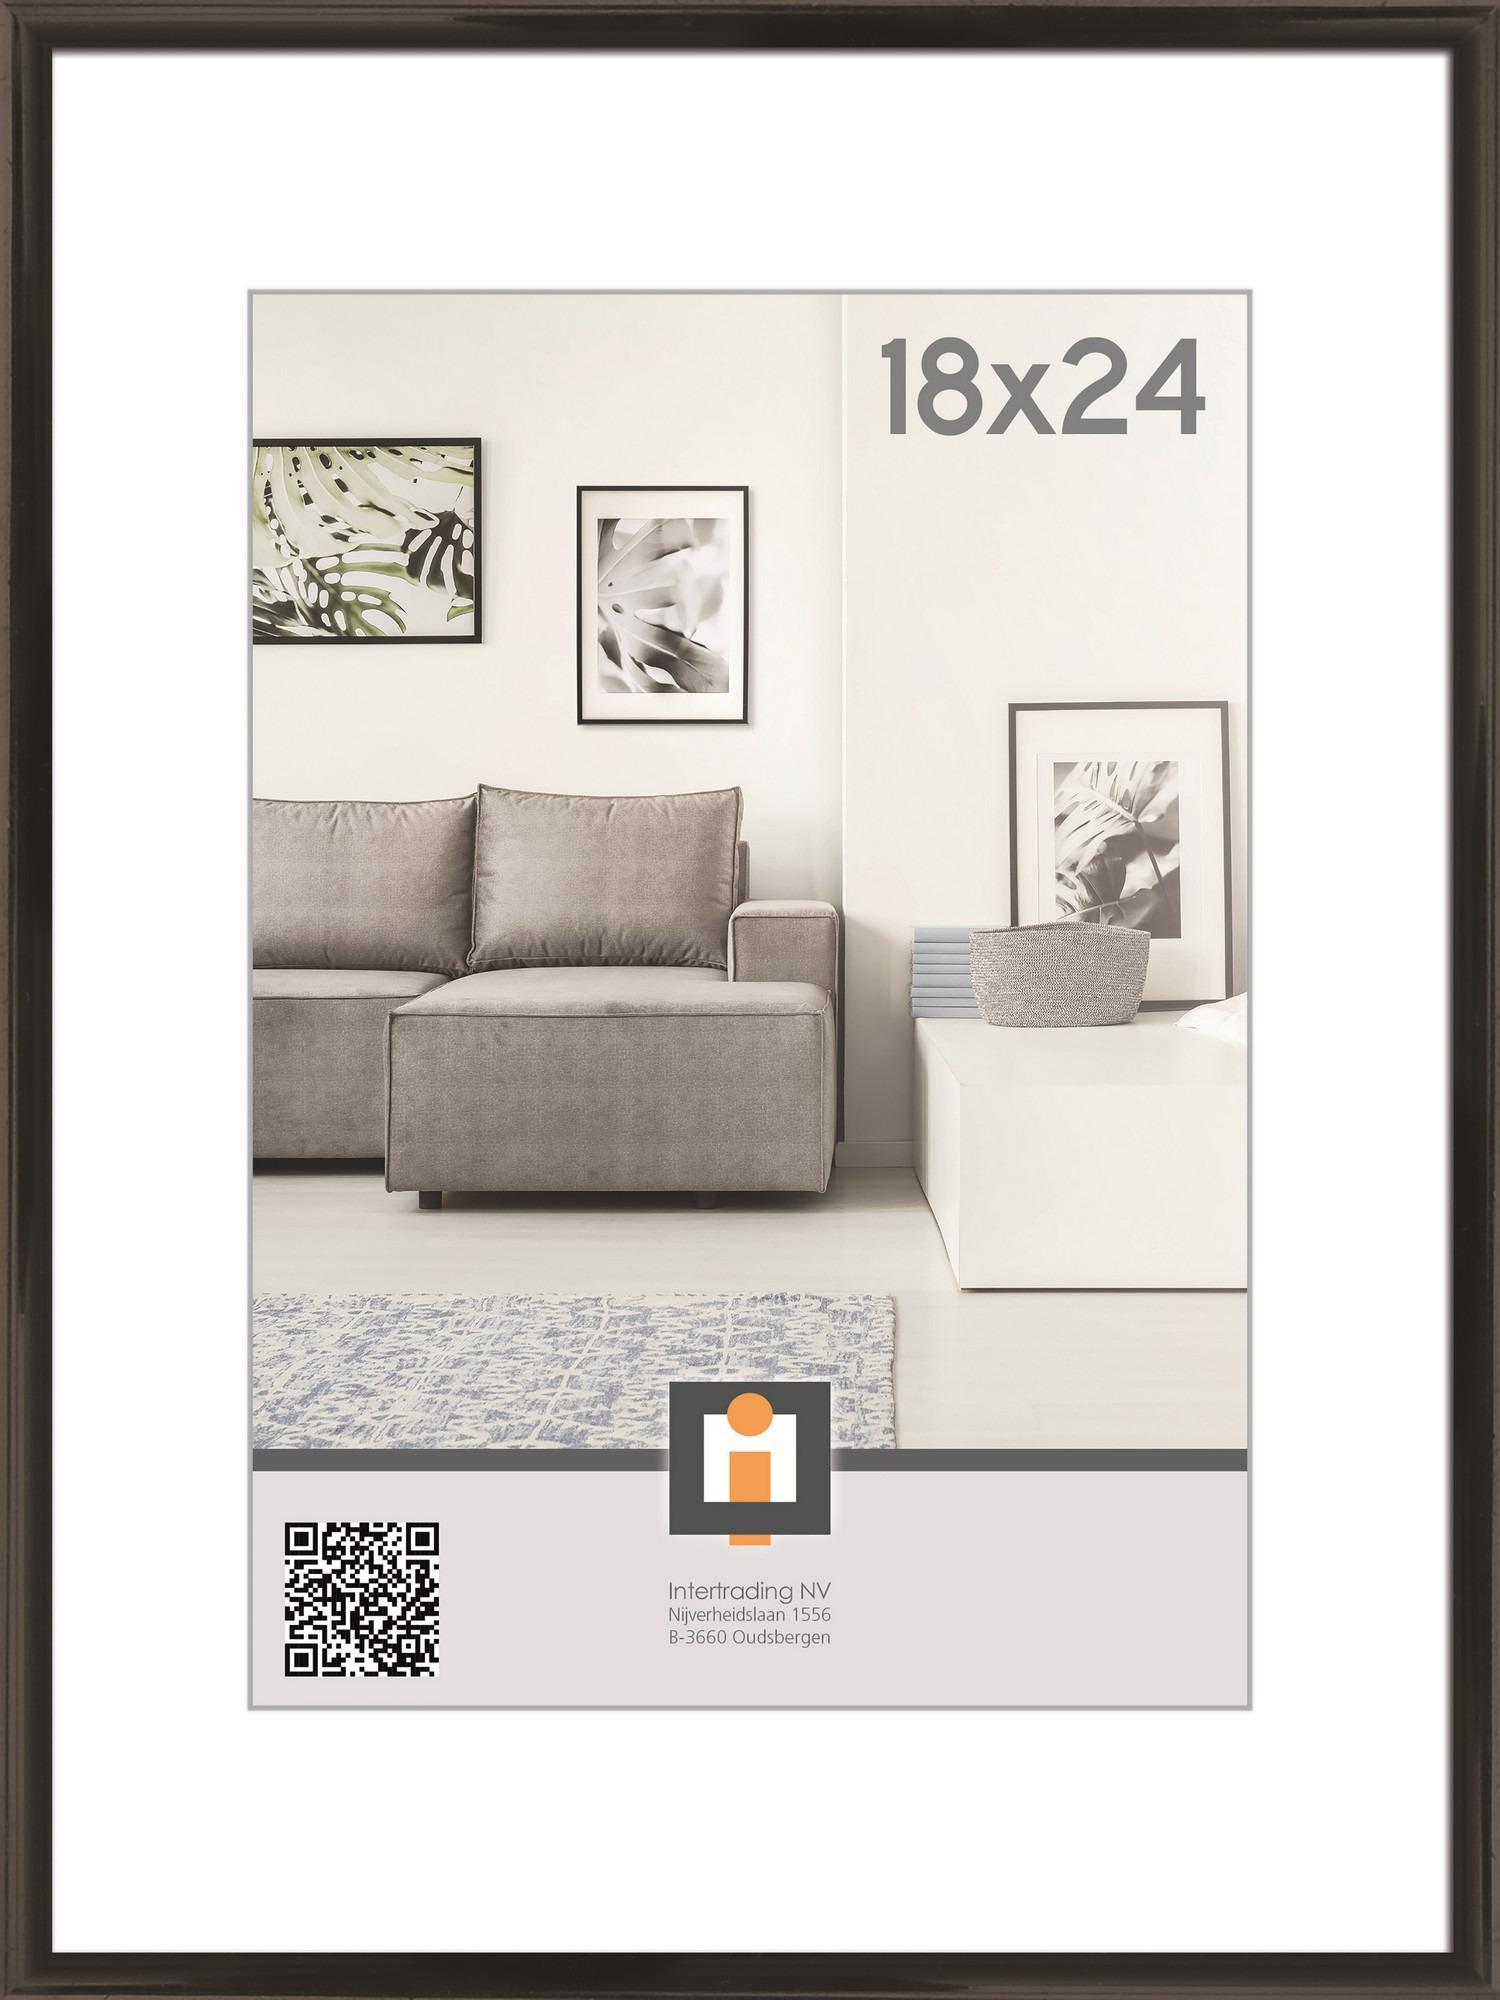 Fotorámik Linie 18x24 cm, čierny